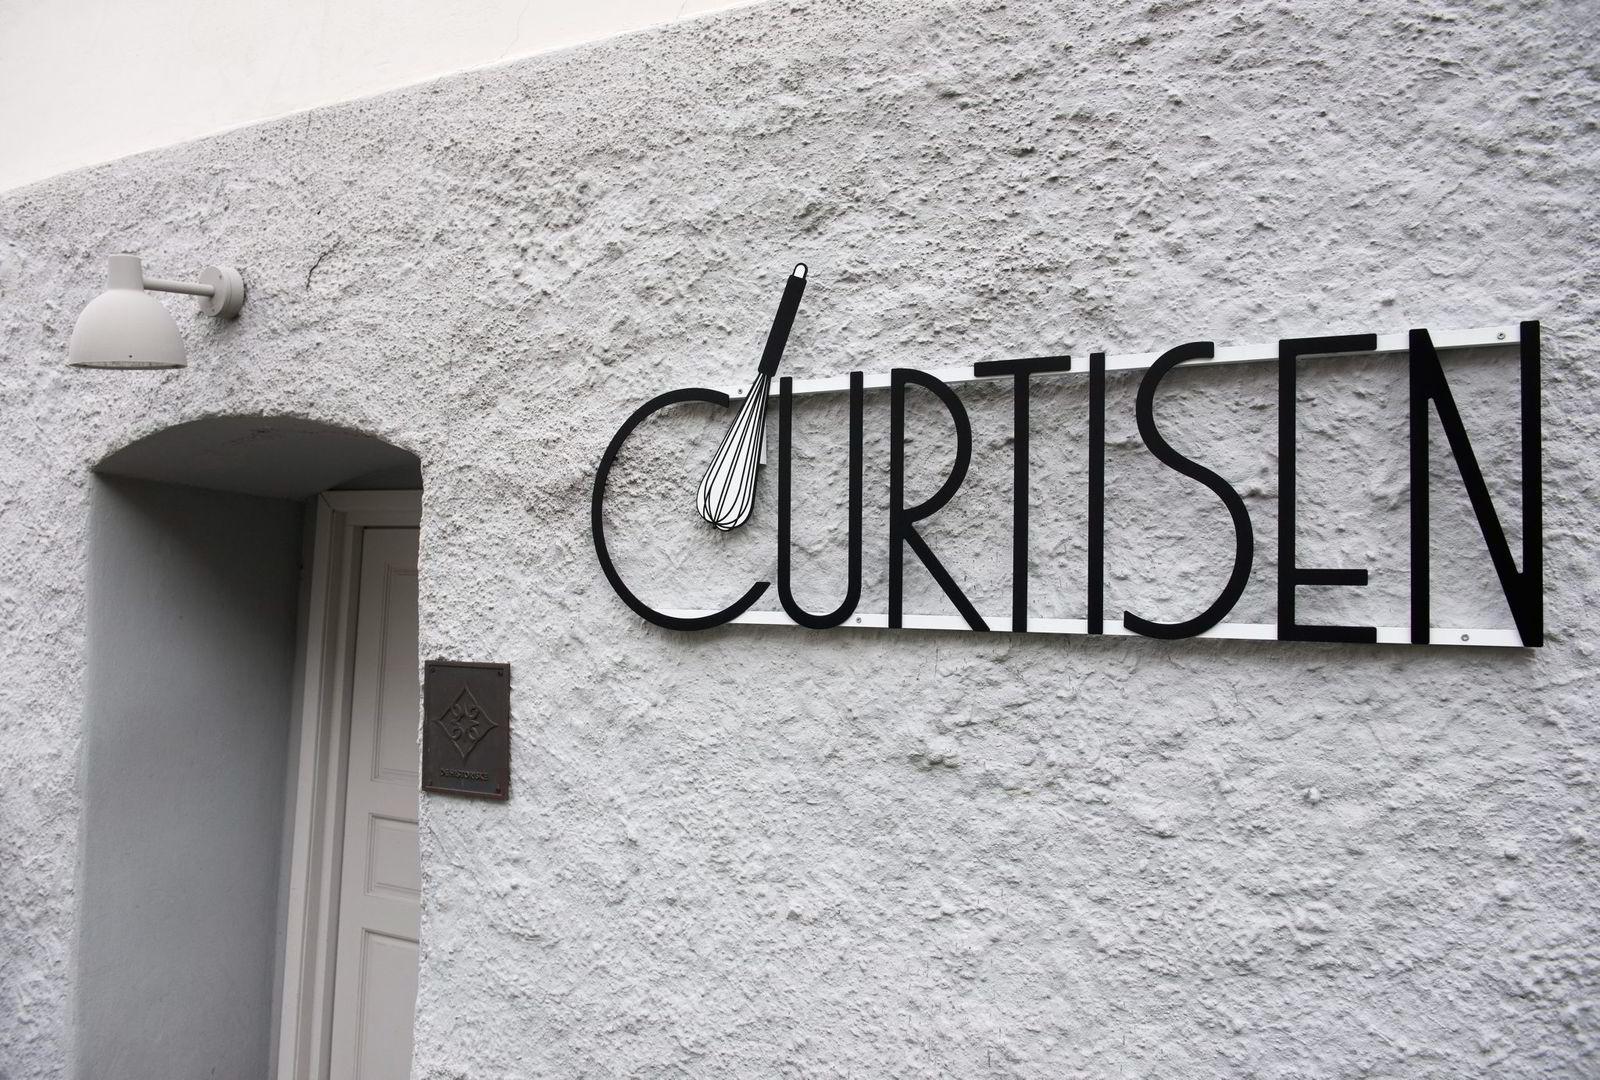 I denne gamle bygningen på festningen har Knut Johansen sikret driften av restauranten Curtisen.